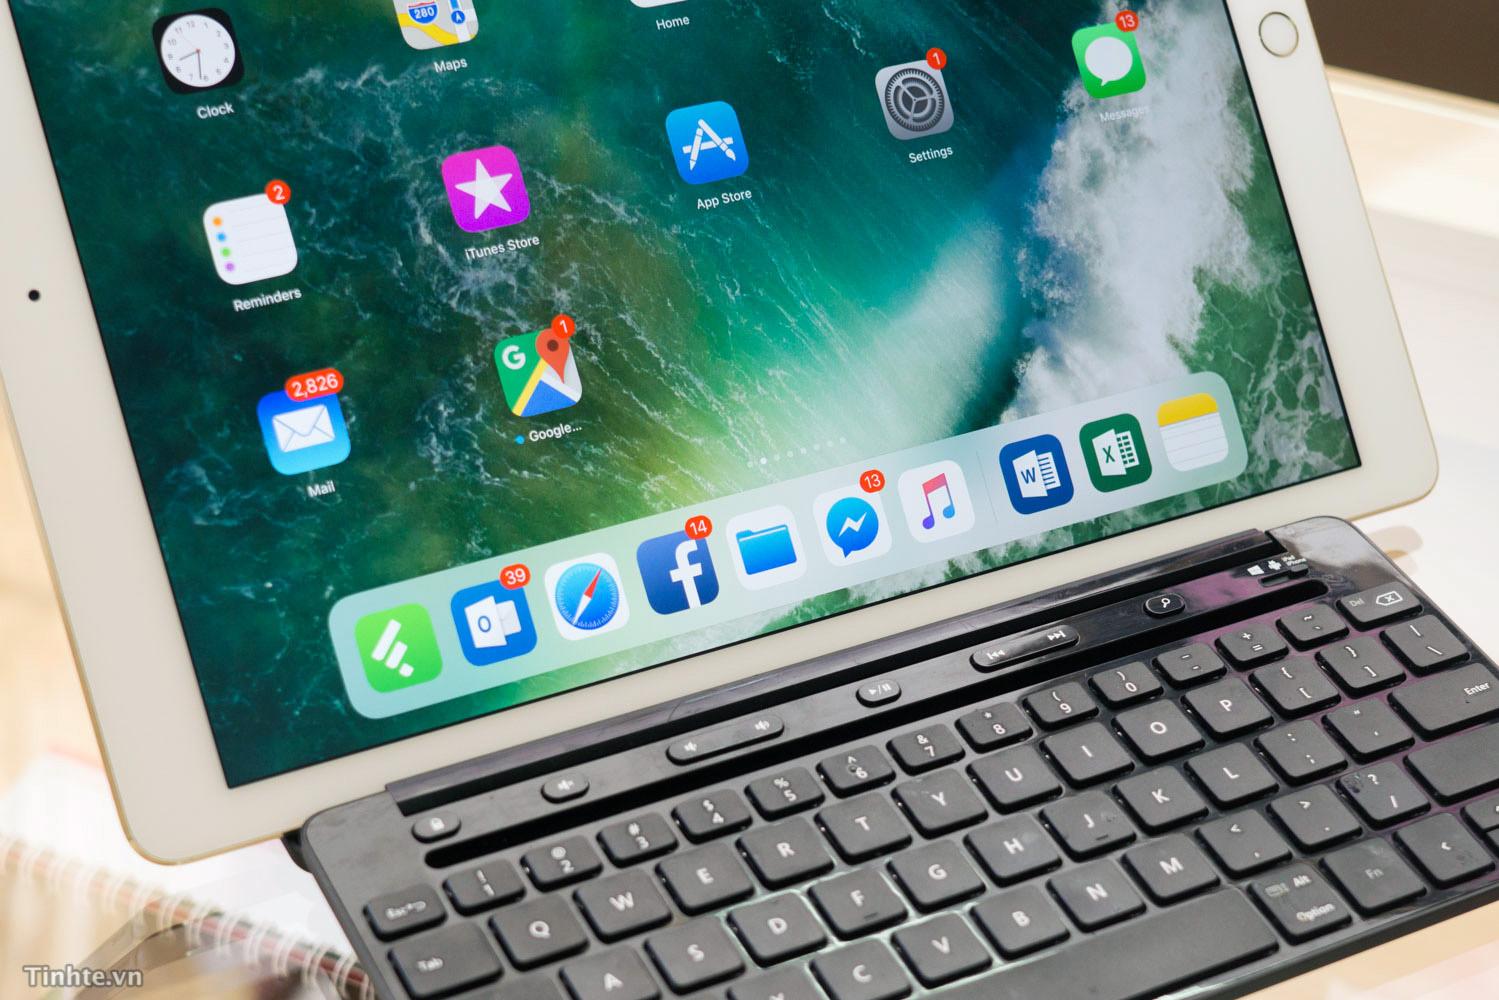 iOS_11_iPad_Preview_tinhte_7.jpg